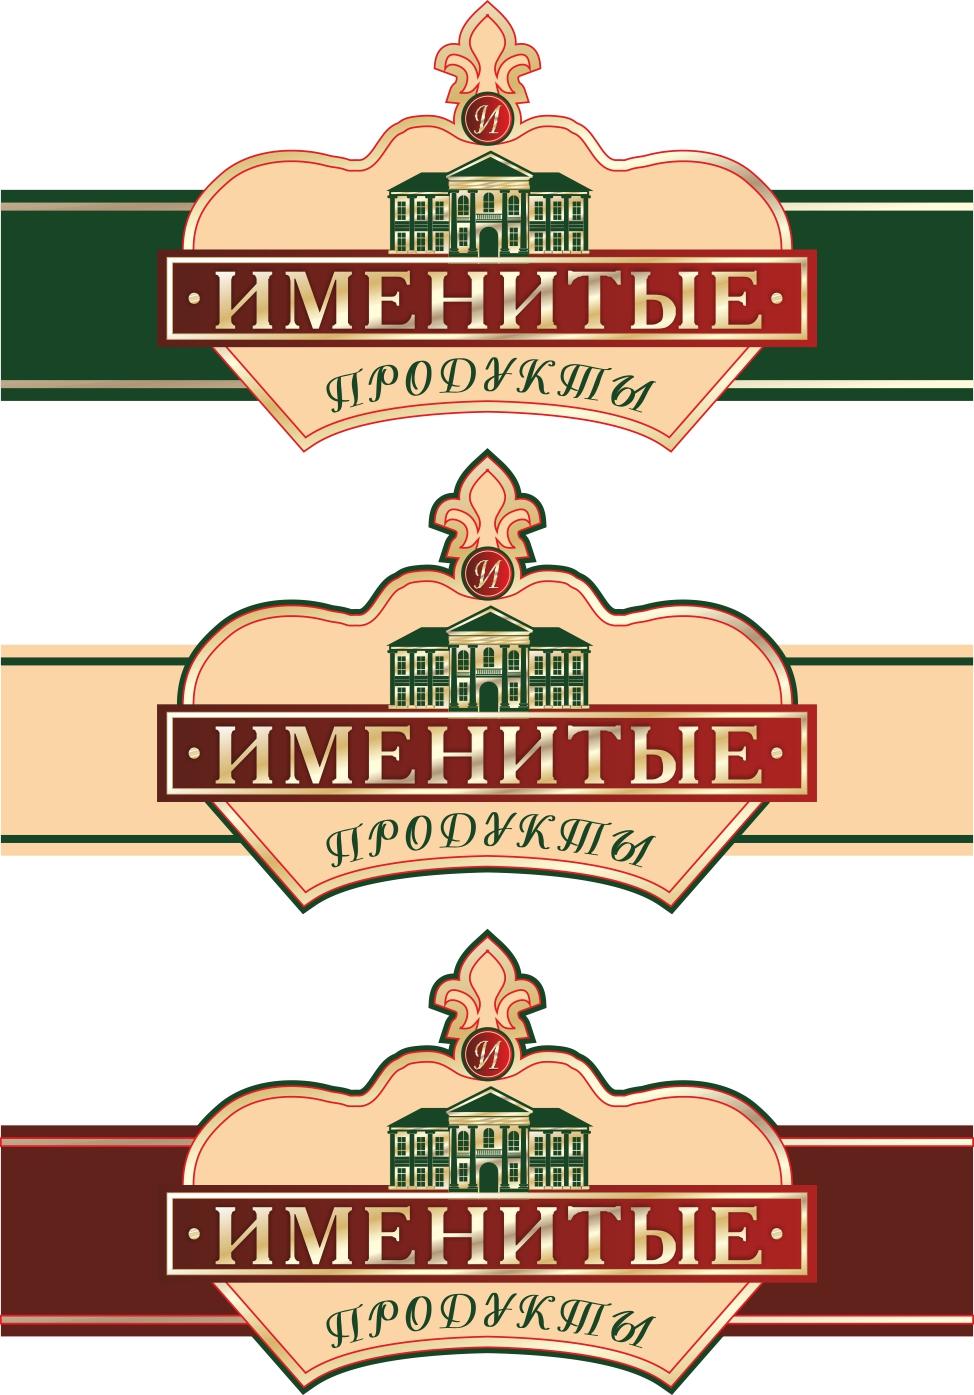 Логотип и фирменный стиль продуктов питания фото f_1775bb753989f063.jpg